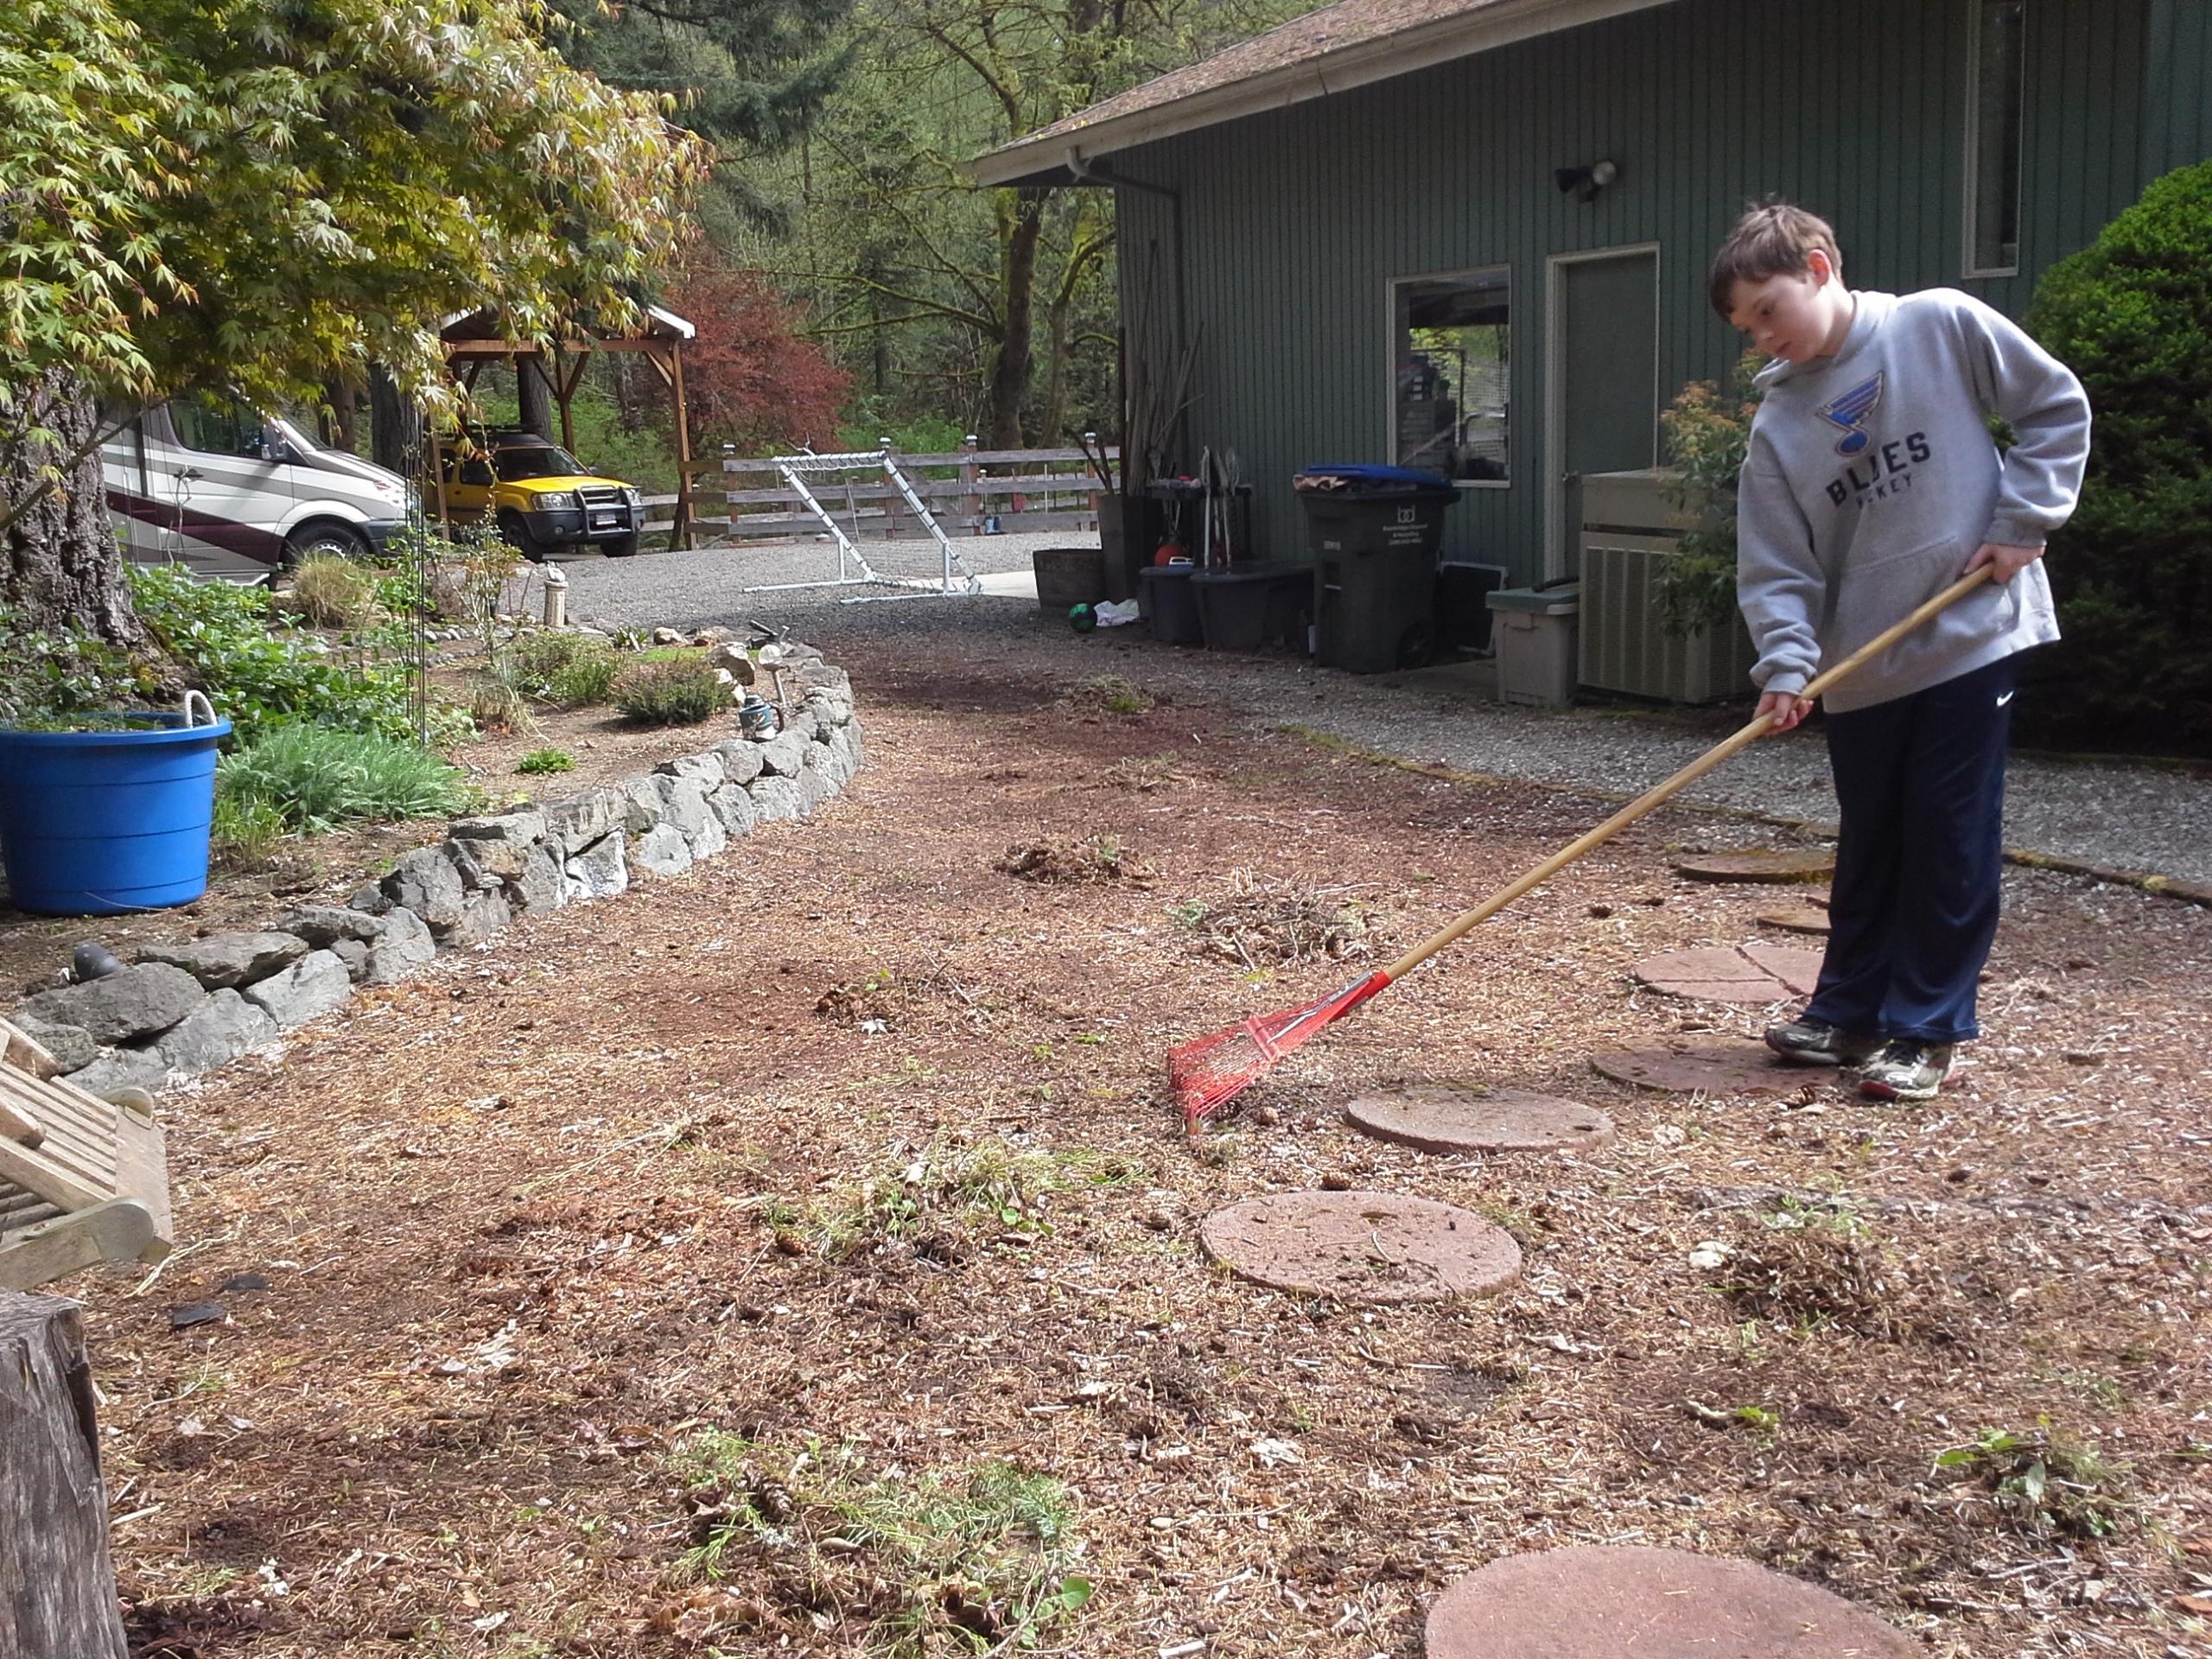 Sam doing some raking during a big yard work effort!